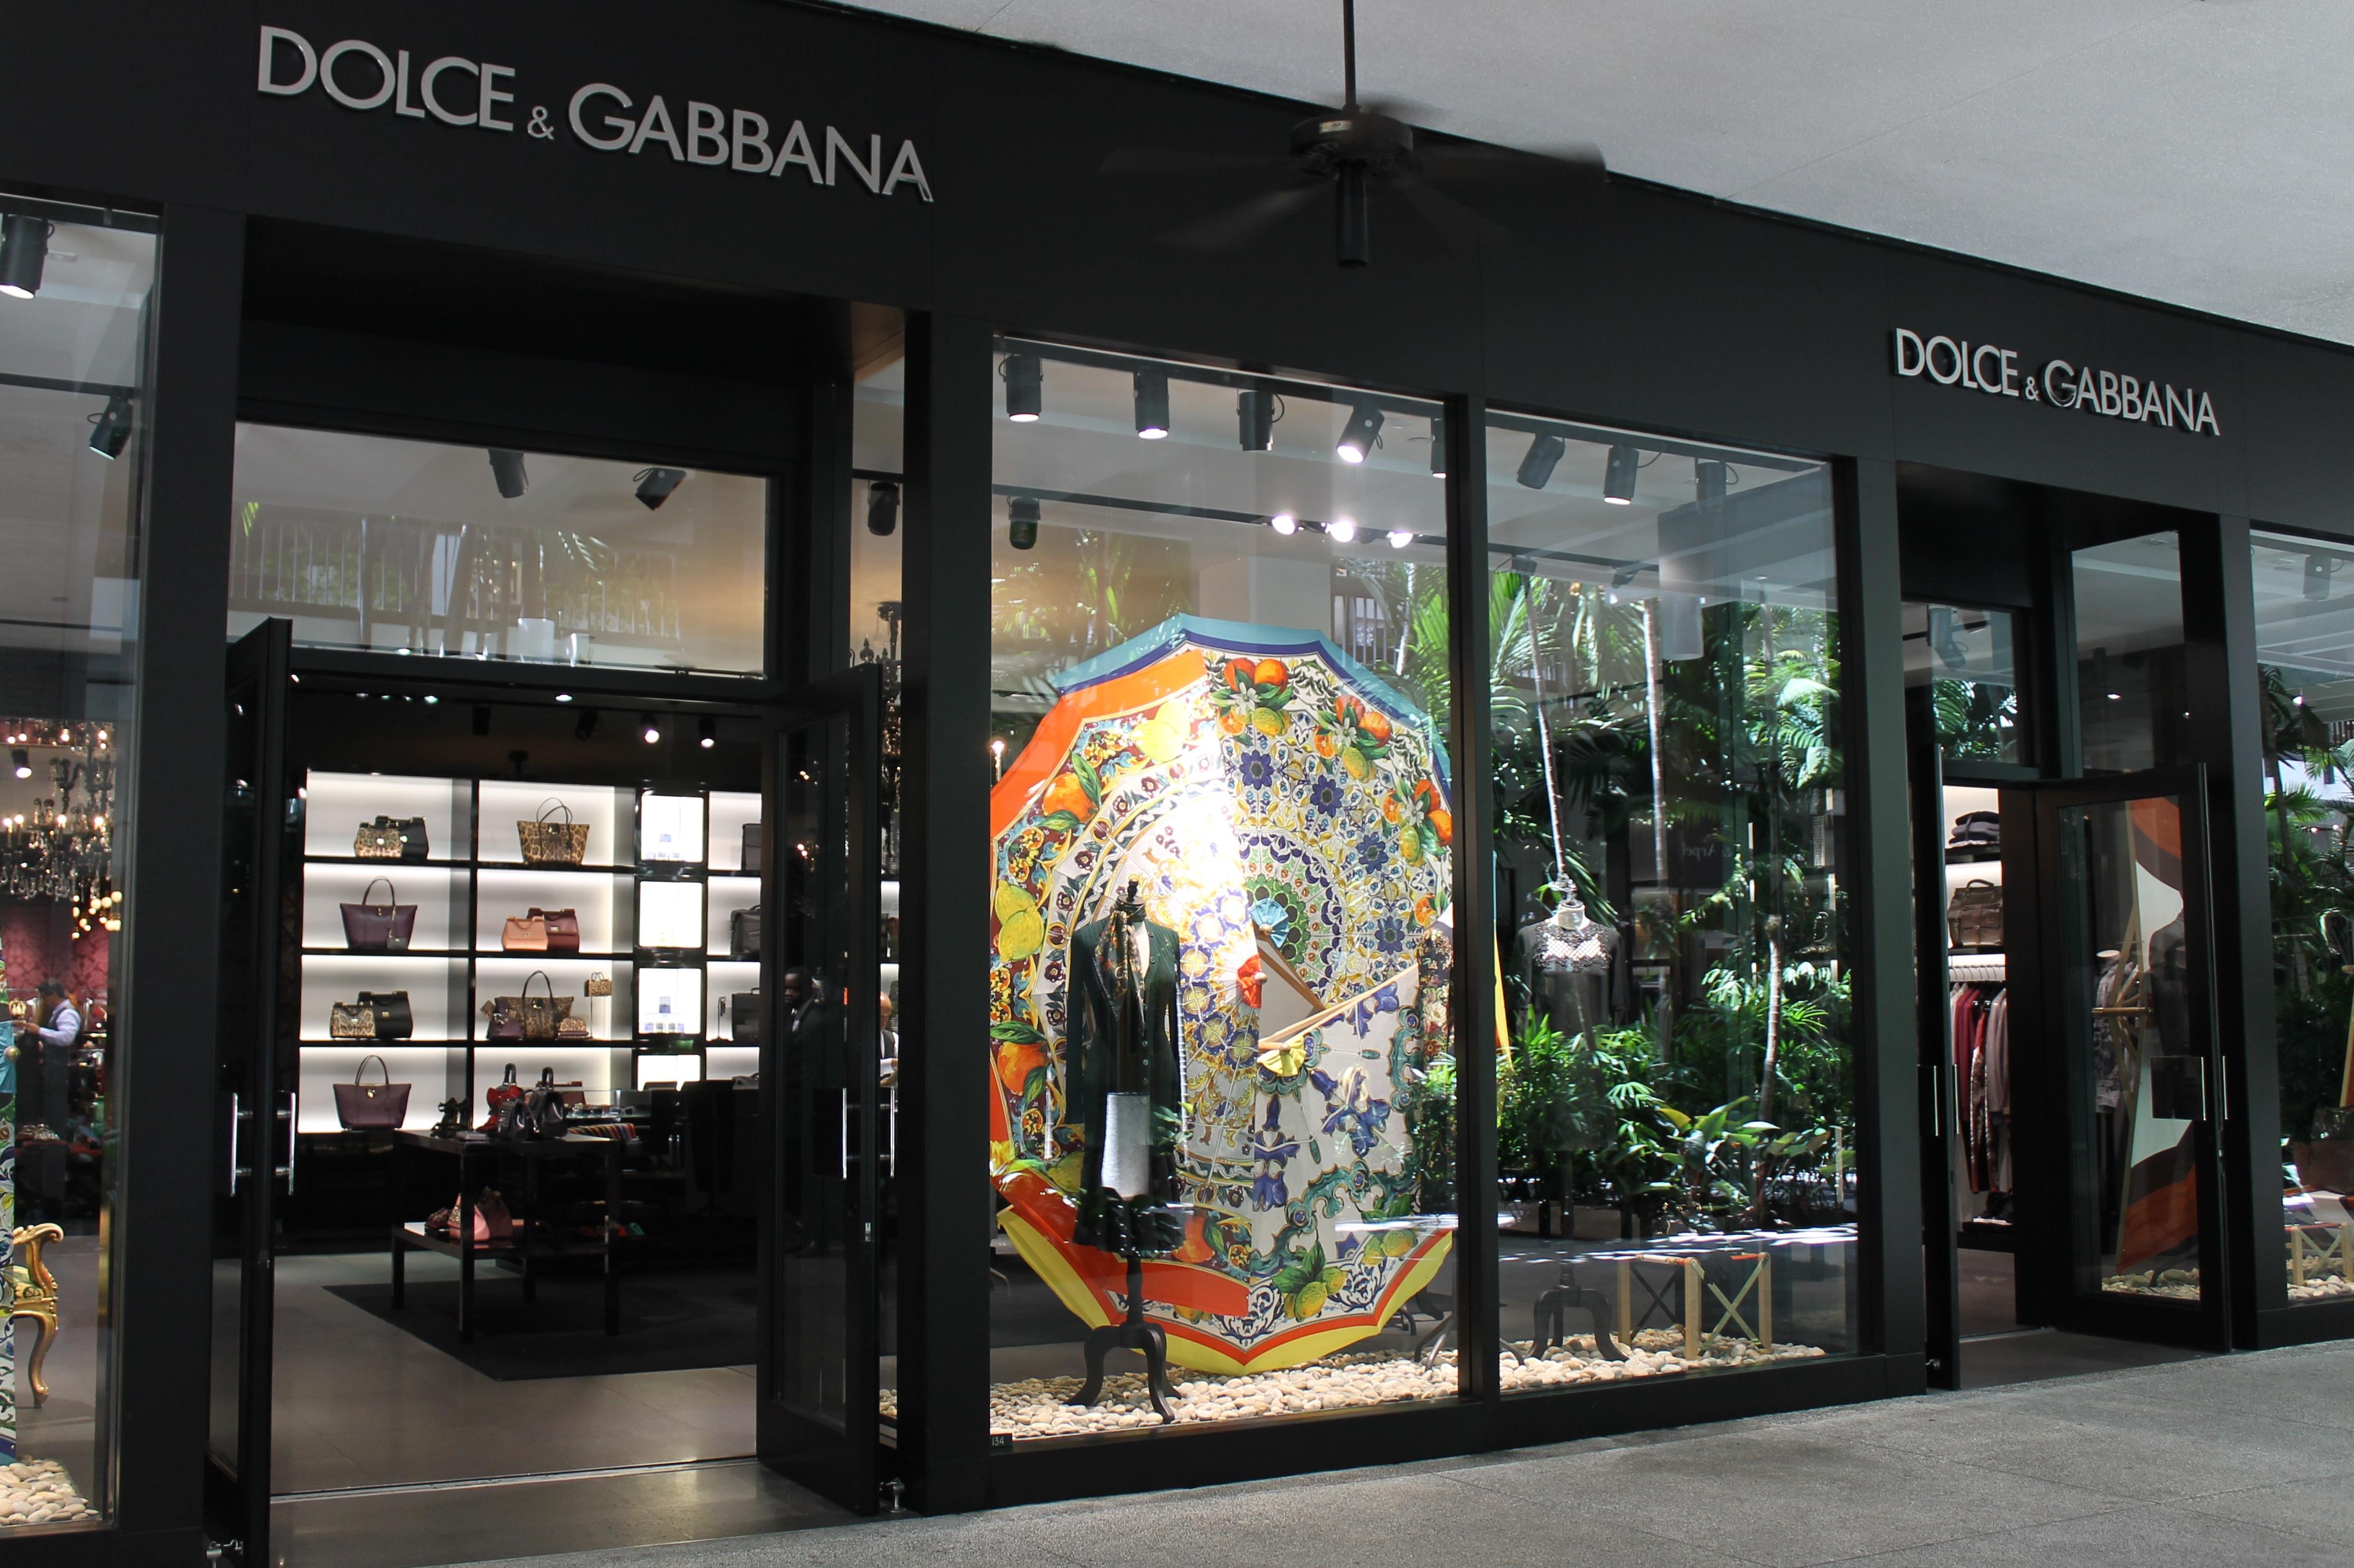 Italian man fashion brands Dolce Gabbana